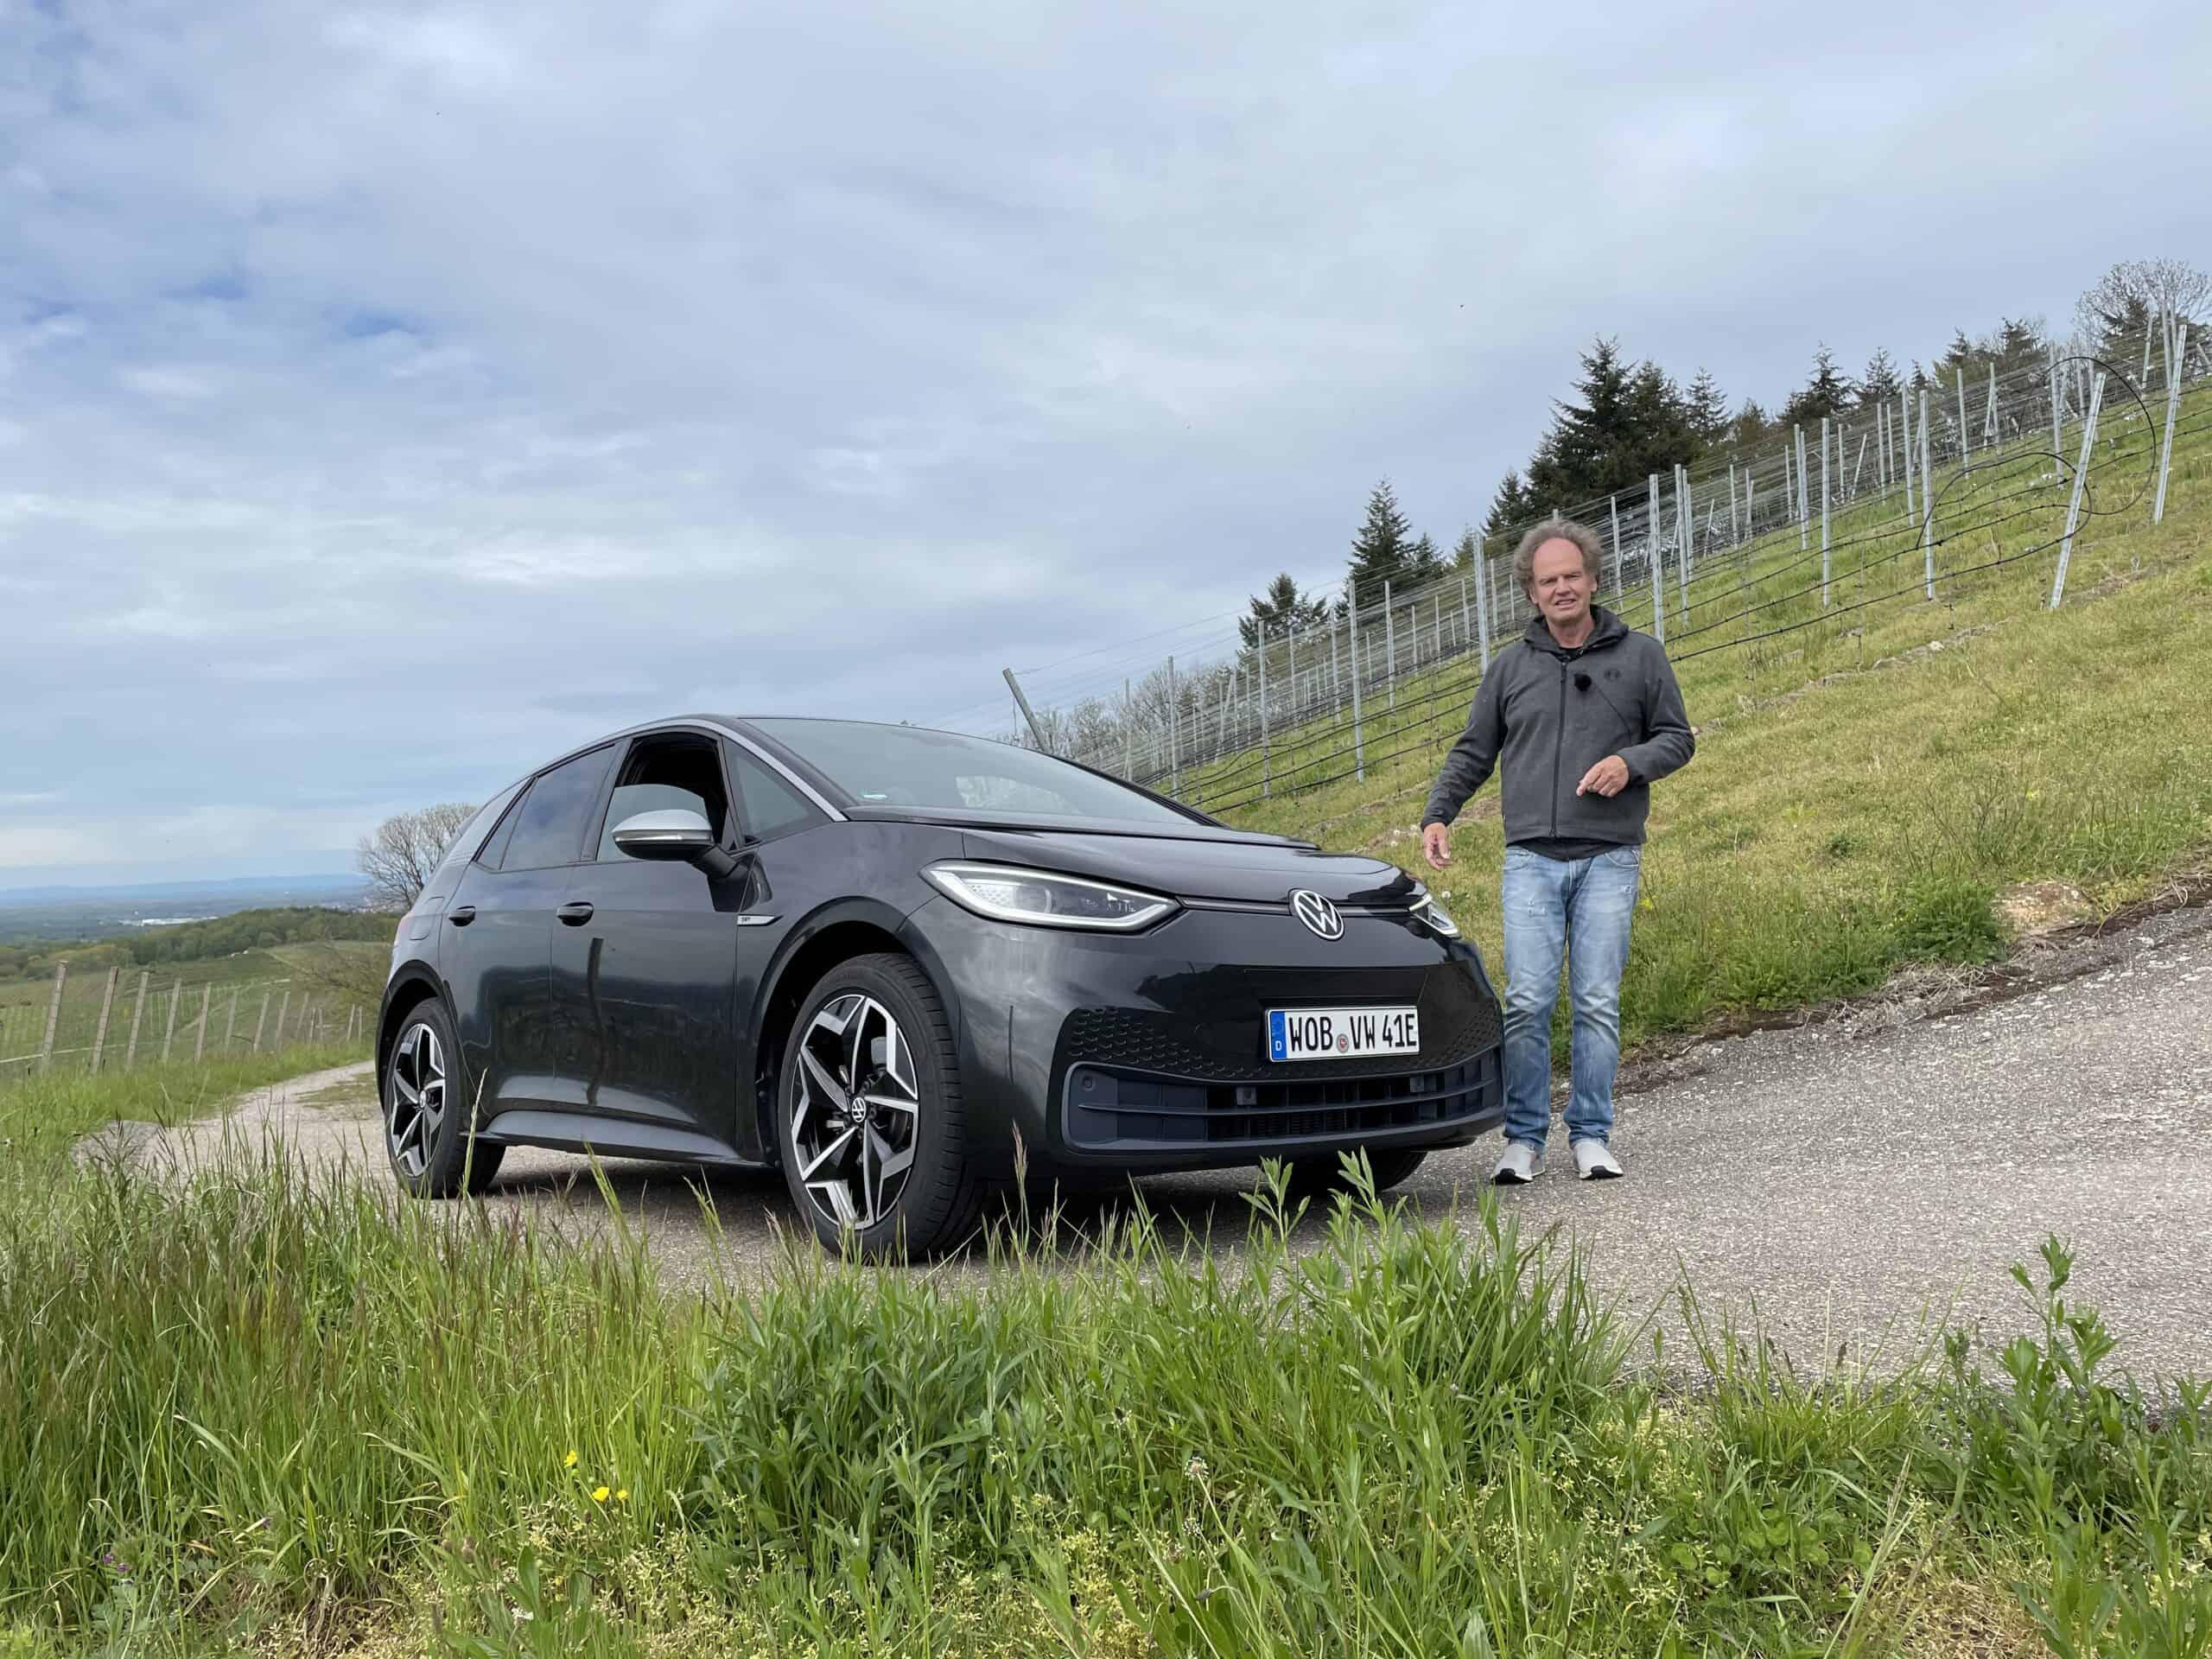 VW ID.3 - Kann der kompakte Wolfsburger das Golf Erbe antreten?